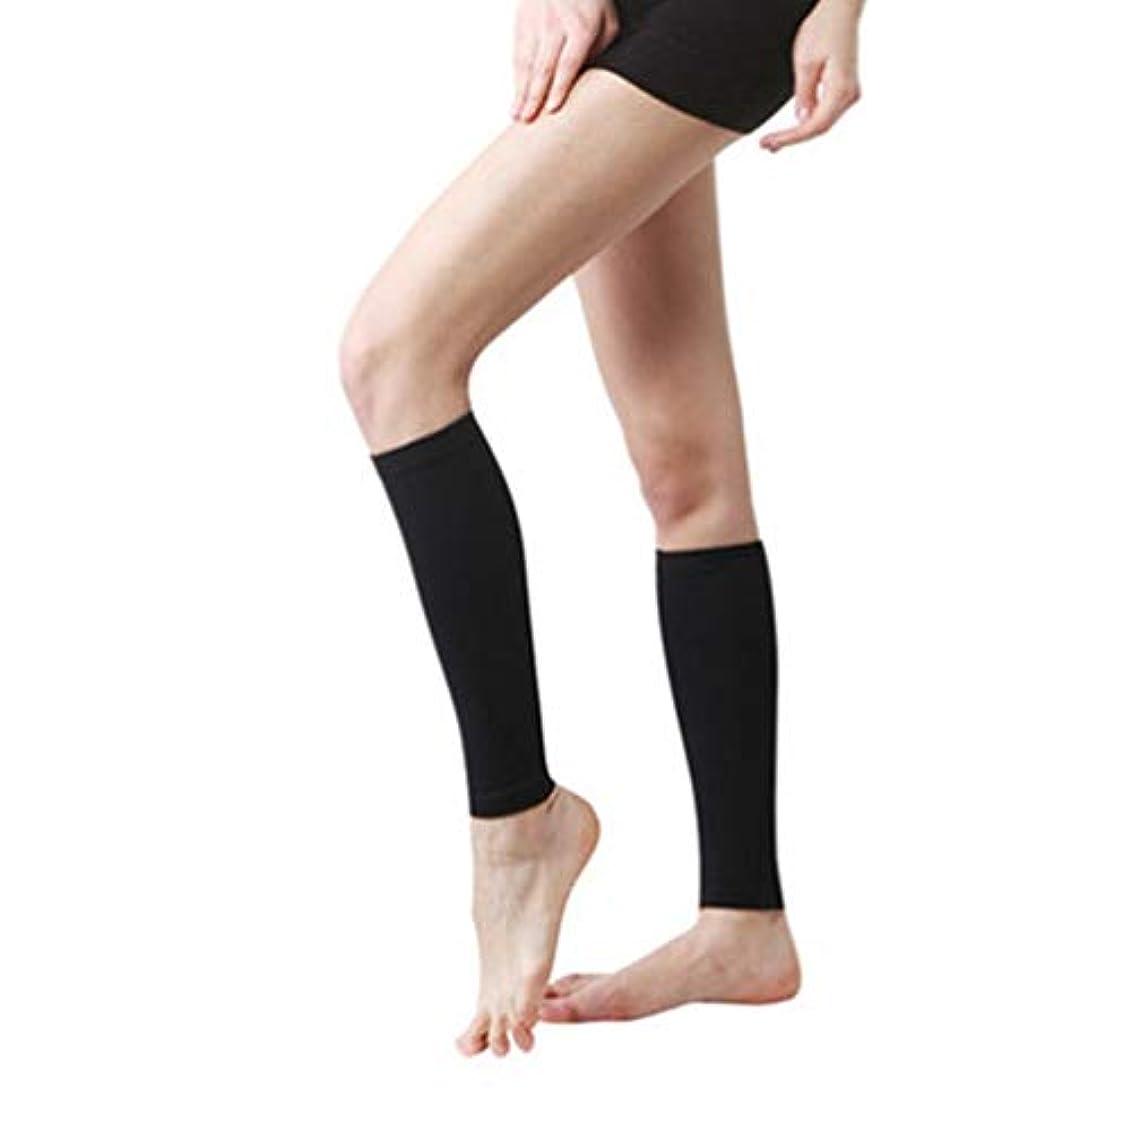 よく話される前売可聴丈夫な男性女性プロの圧縮靴下通気性のある旅行活動看護師用シンススプリントフライトトラベル - ブラック